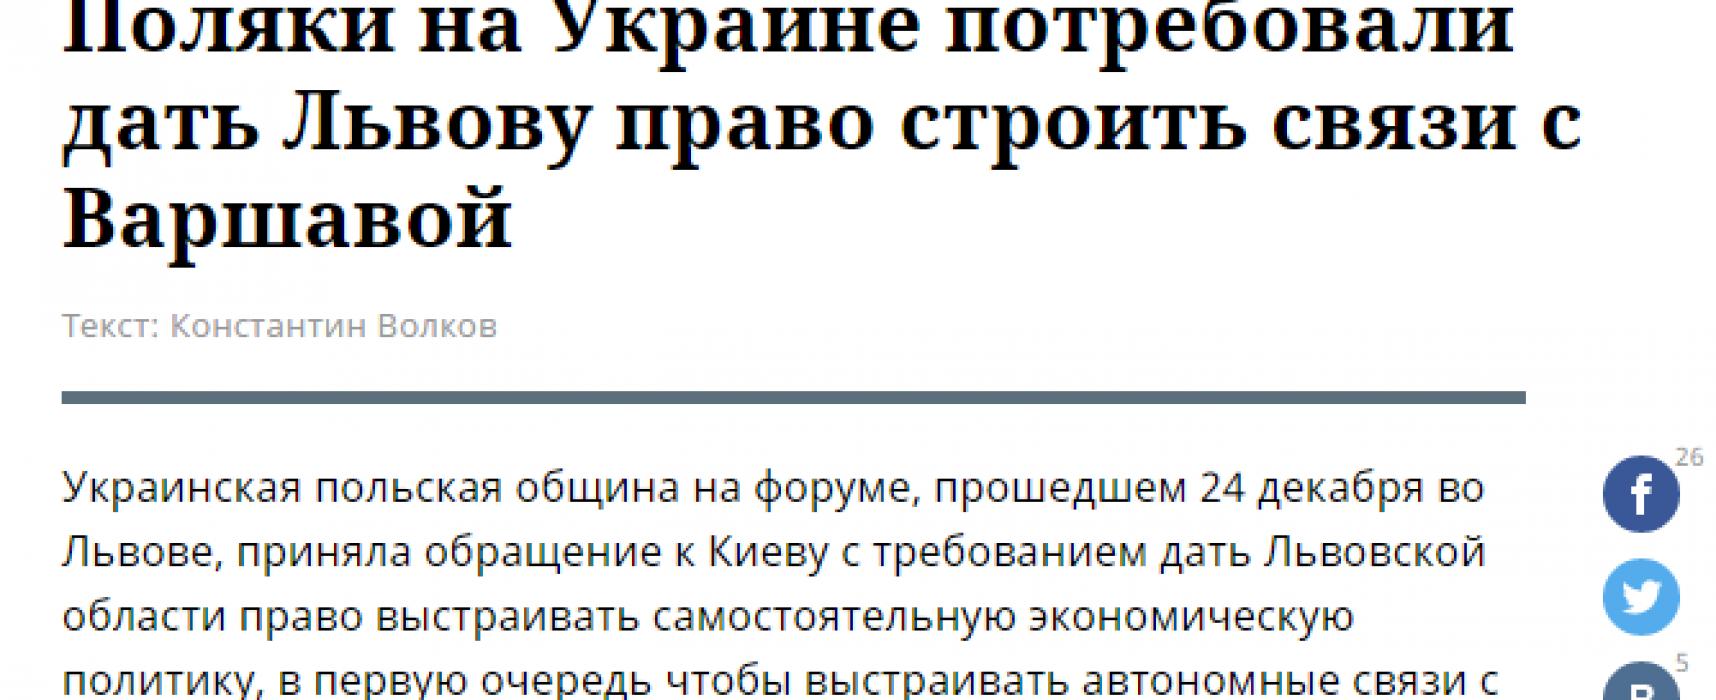 Fake: Lvovští Poláci požadují autonomii na Kyjevu